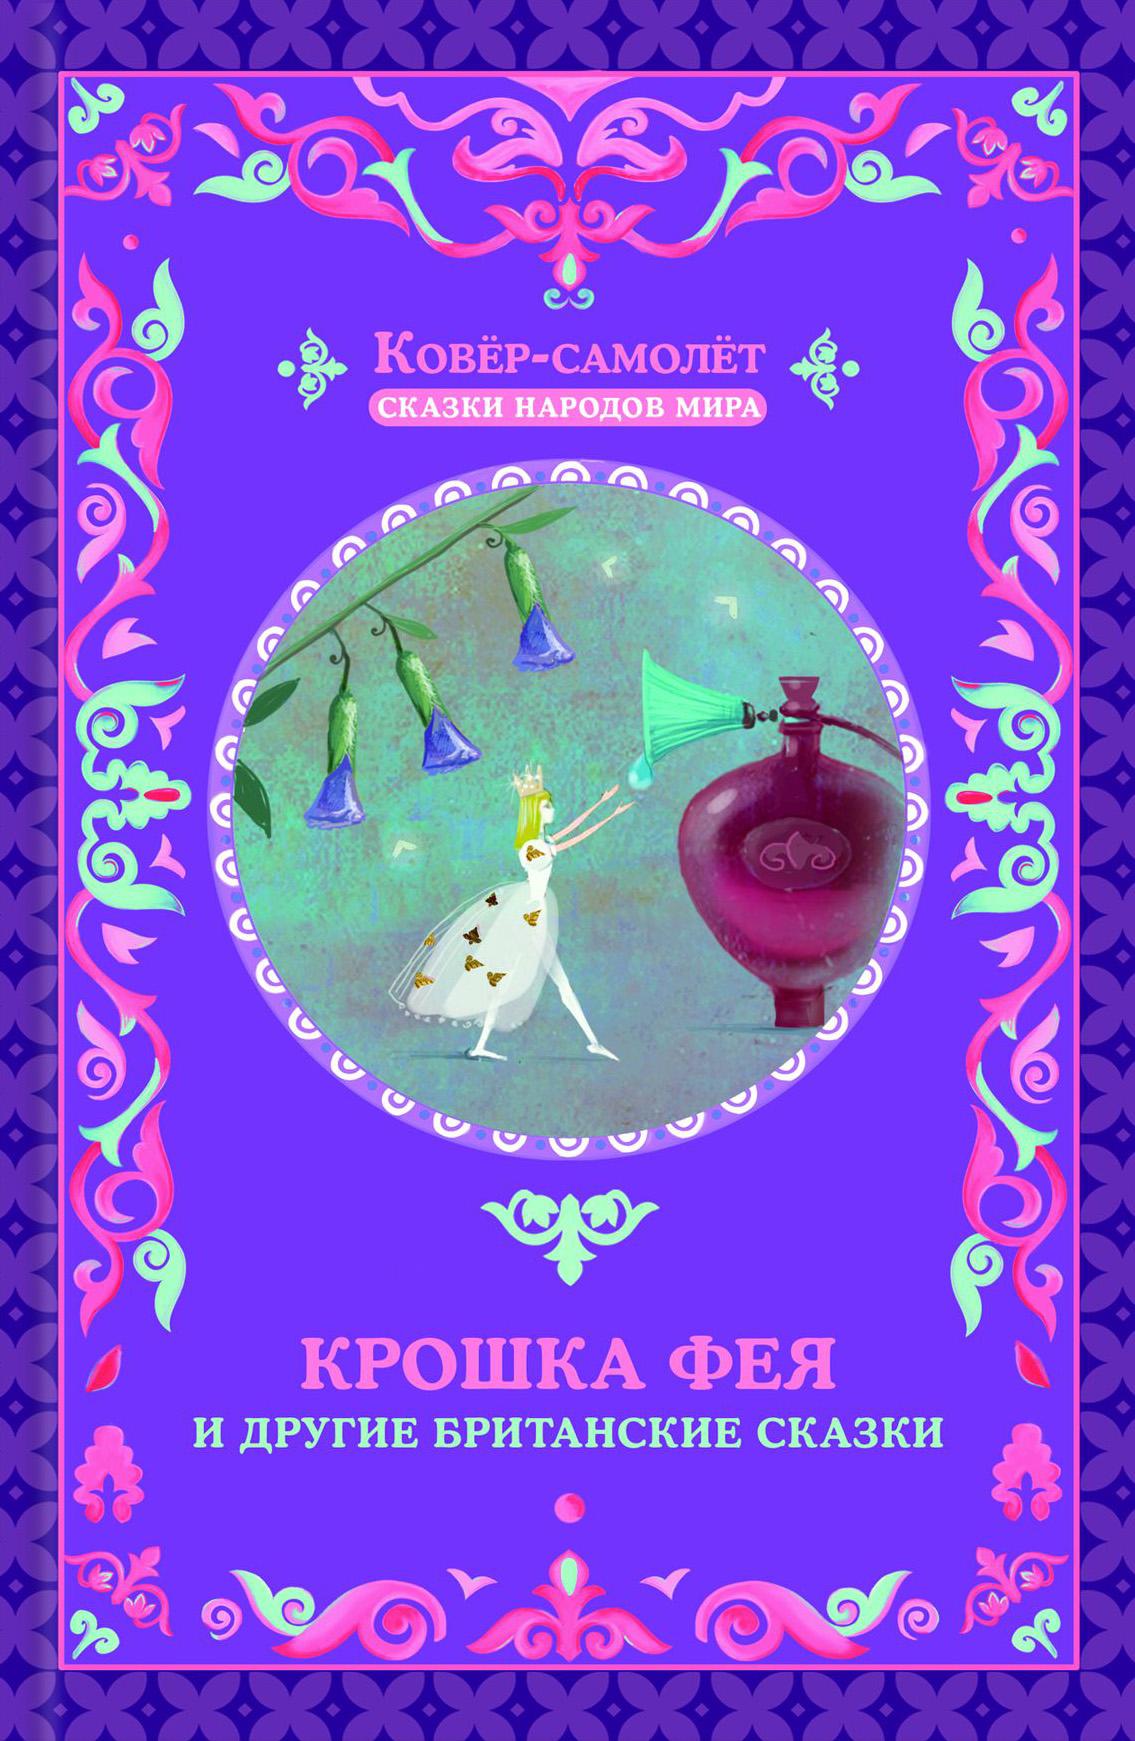 купить Народное творчество Крошка фея и другие британские сказки онлайн